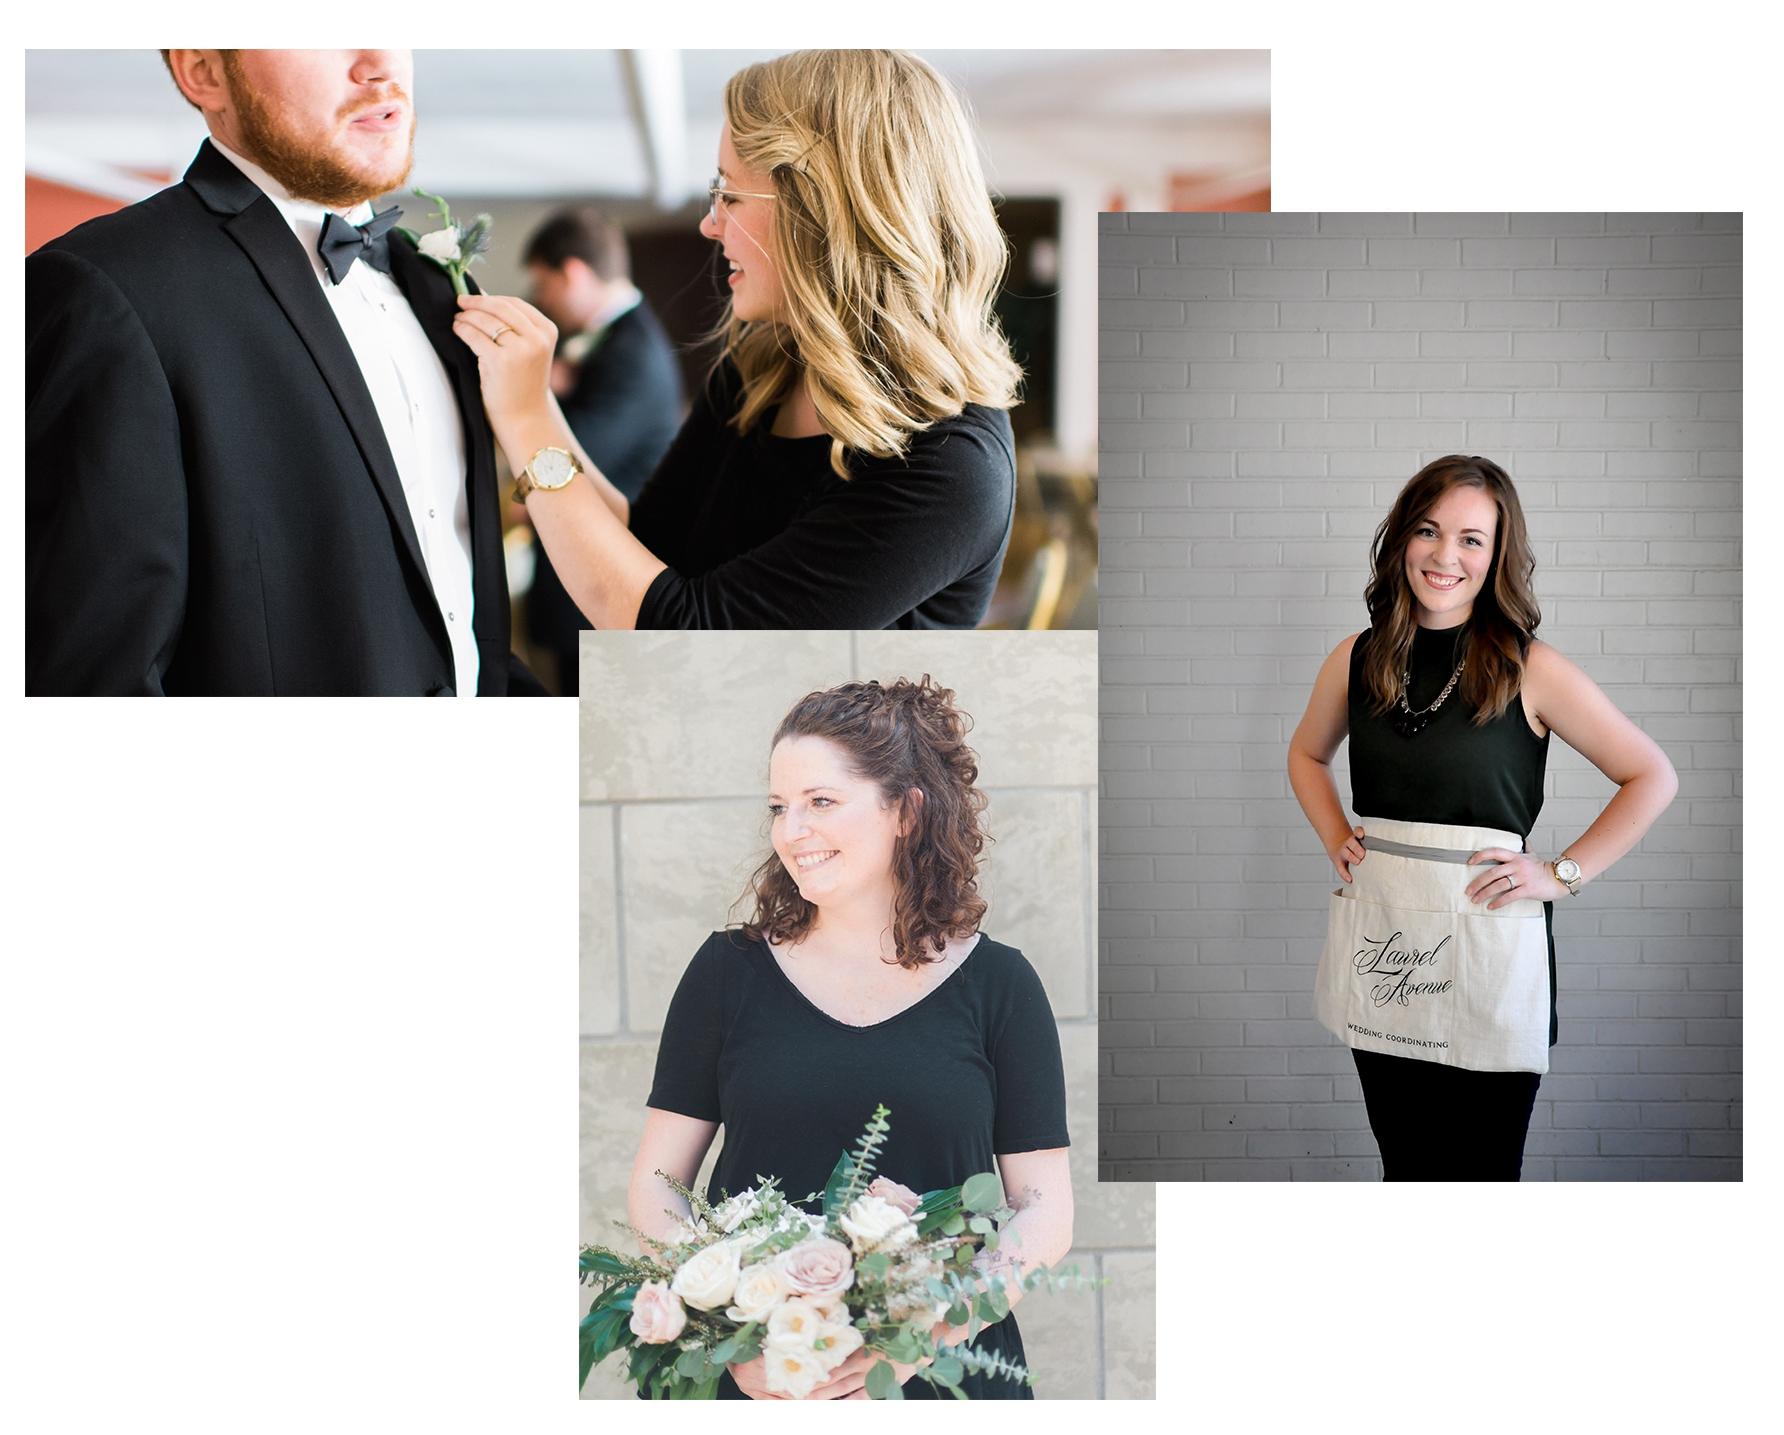 wedding-coordiantor-planner-tallahassee-nashville.jpg